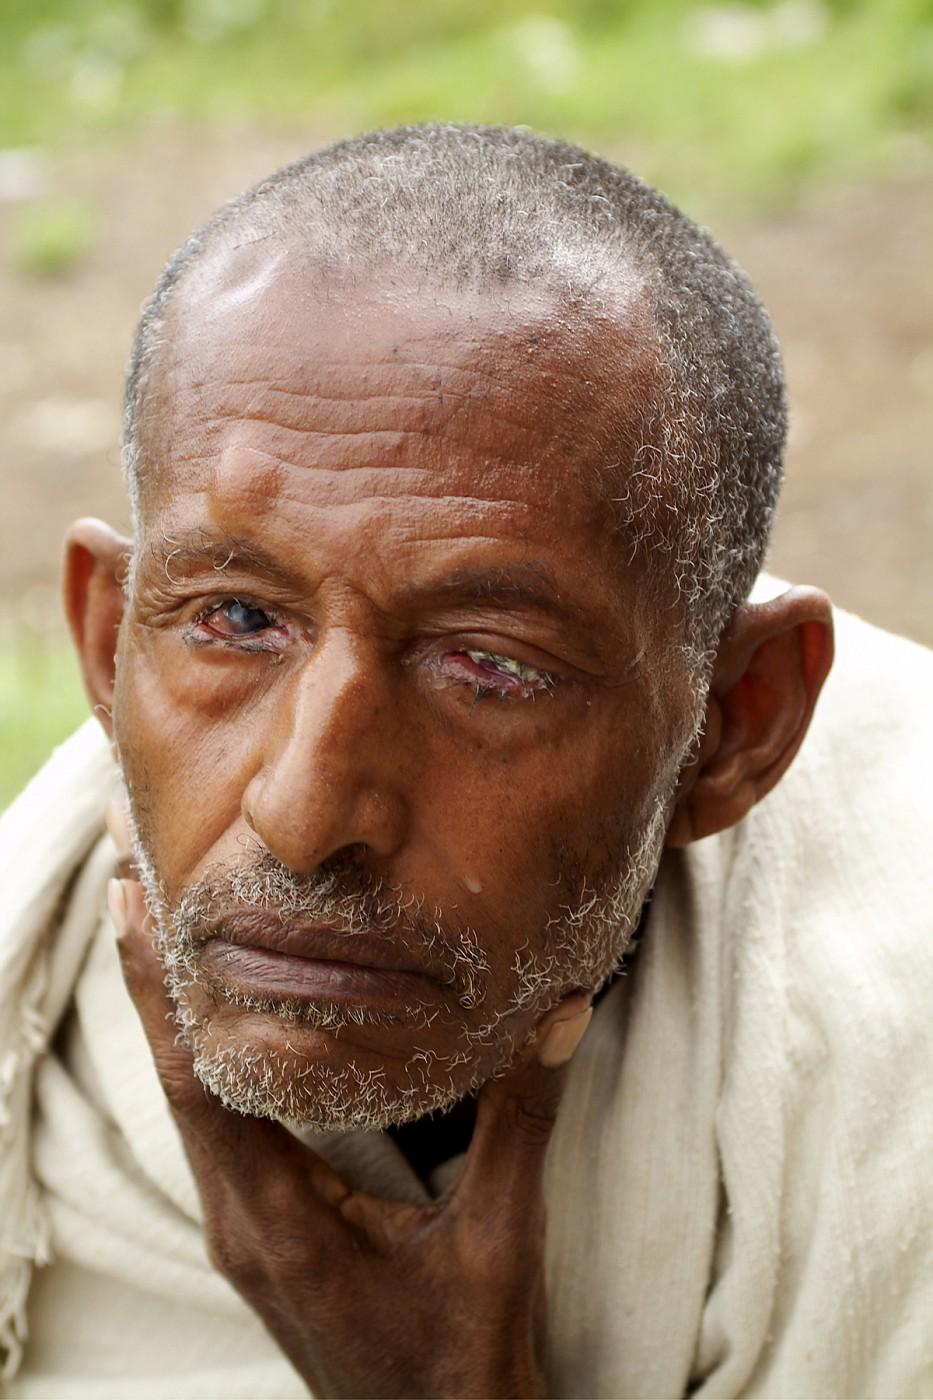 13 old man trachoma